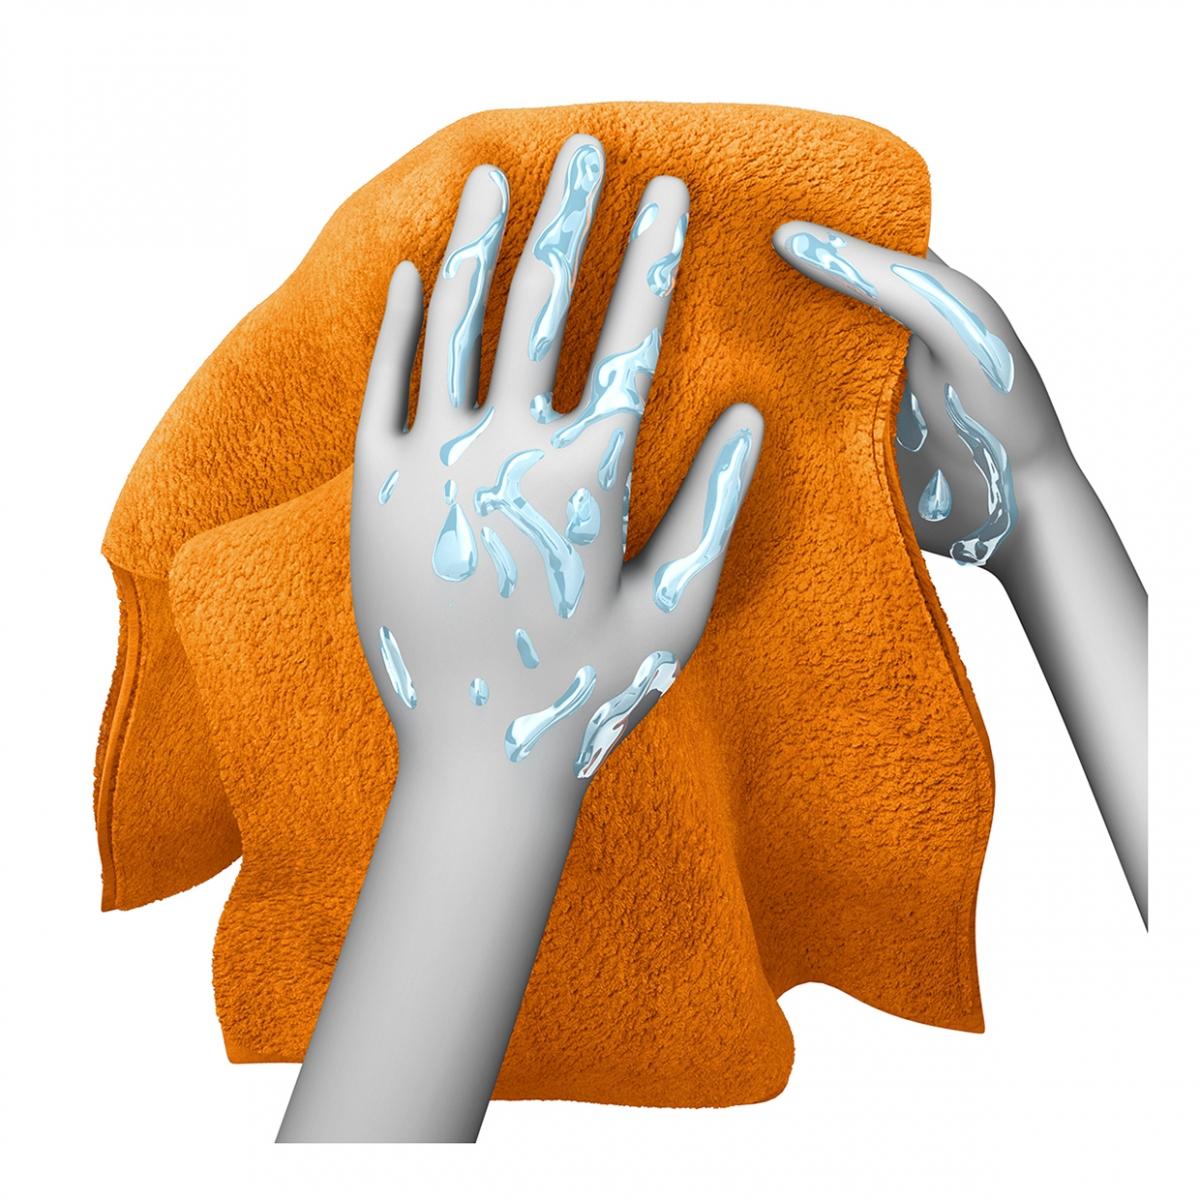 Imagen en la que se ve unas manos secándose con una toalla